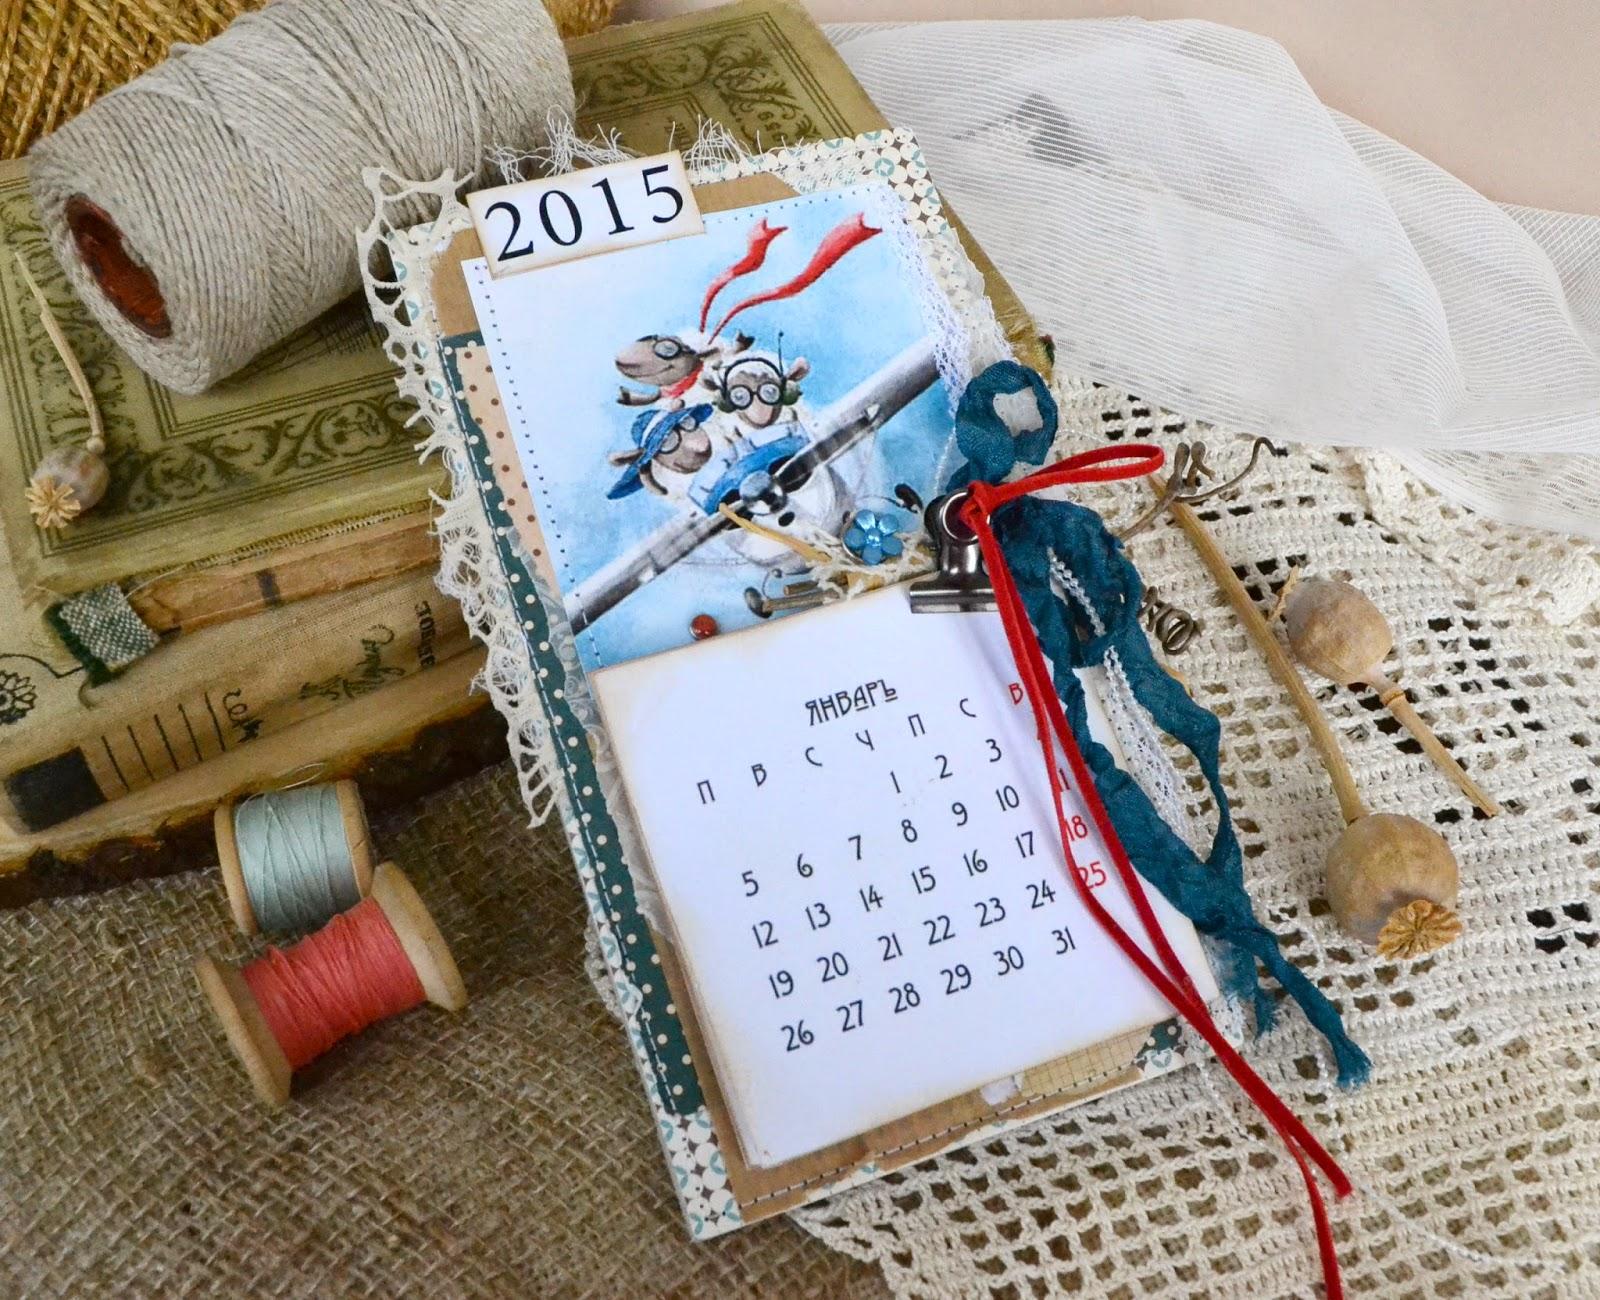 календарь, 2015, календарь на 2015 год